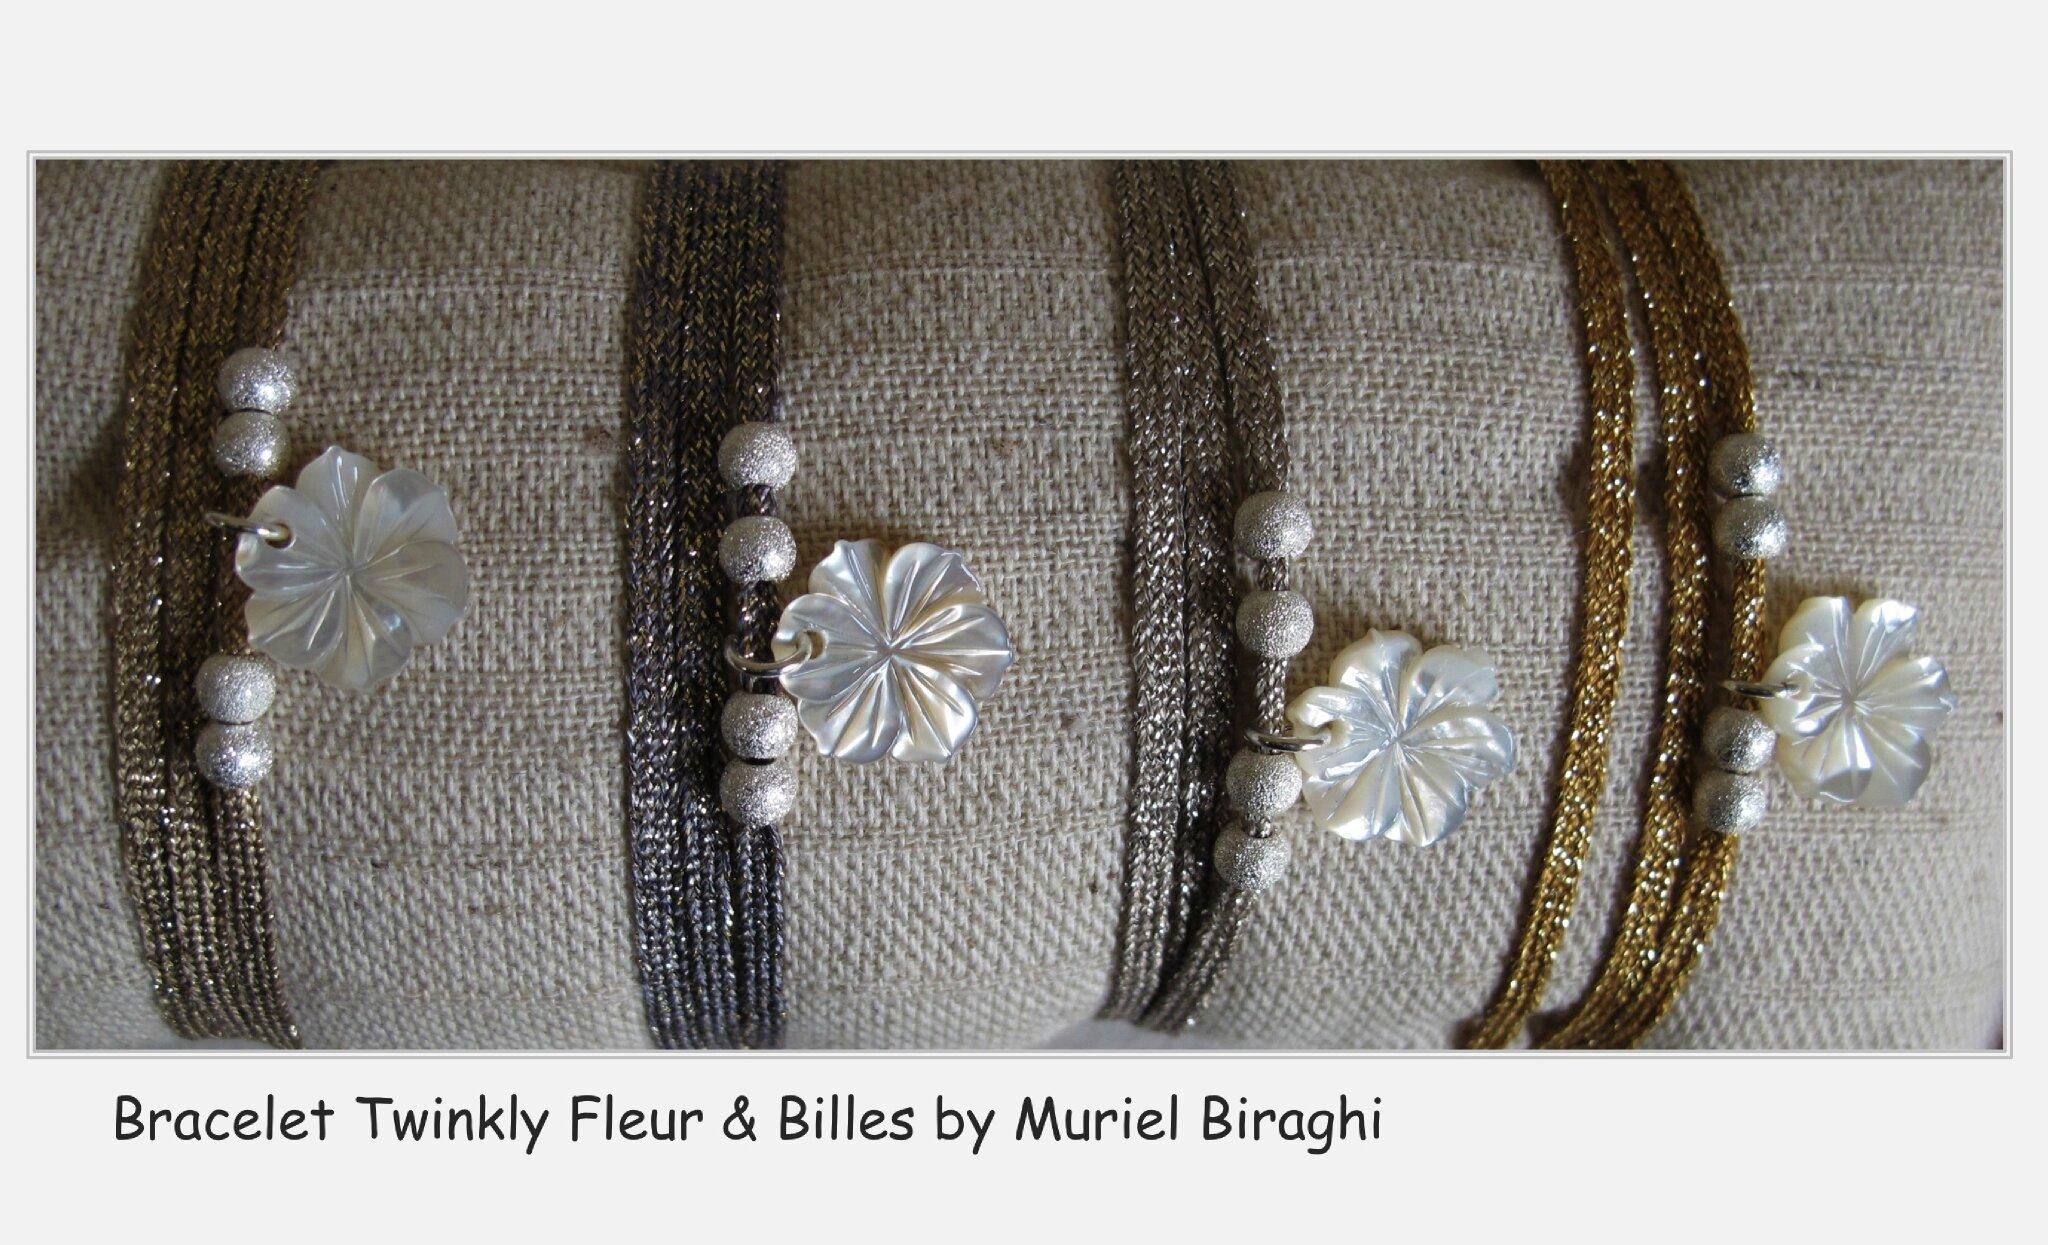 Bracelet/Collier Twinkly Fleur & Billes